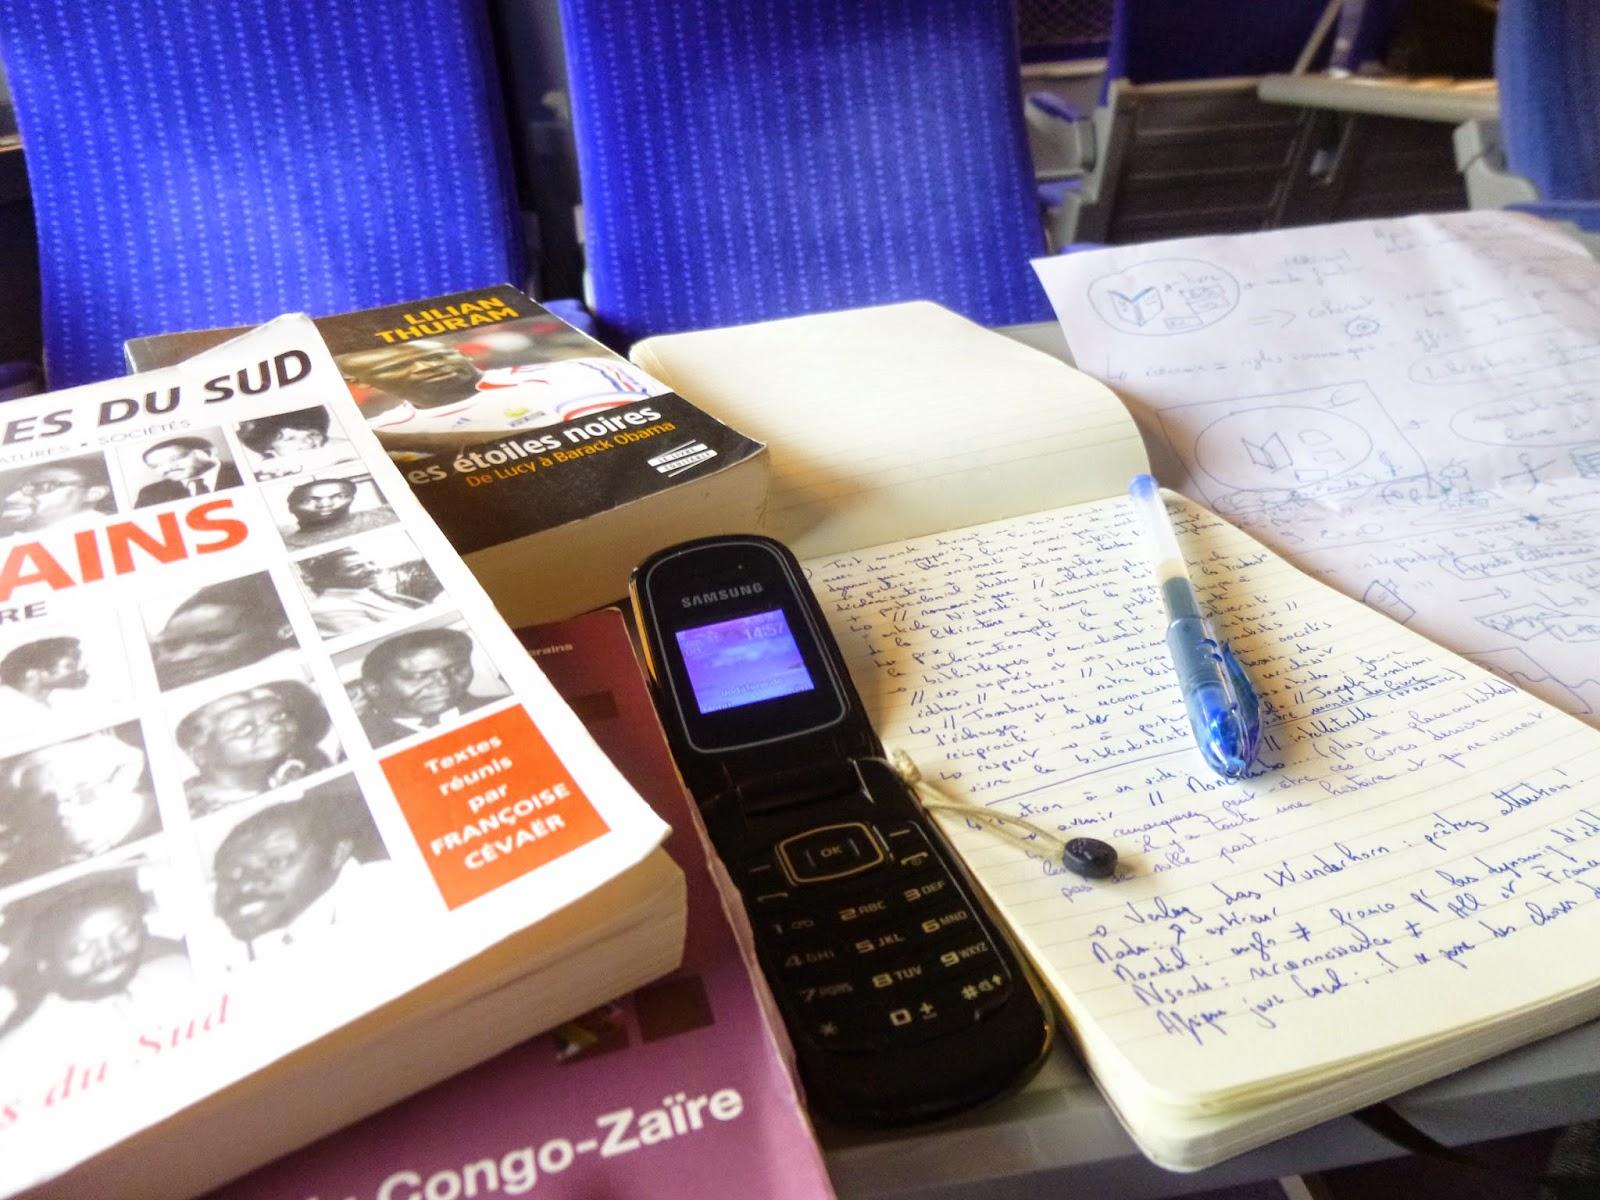 Prochaine étape : enseigner «l'édition africaine» partout où c'est possible !